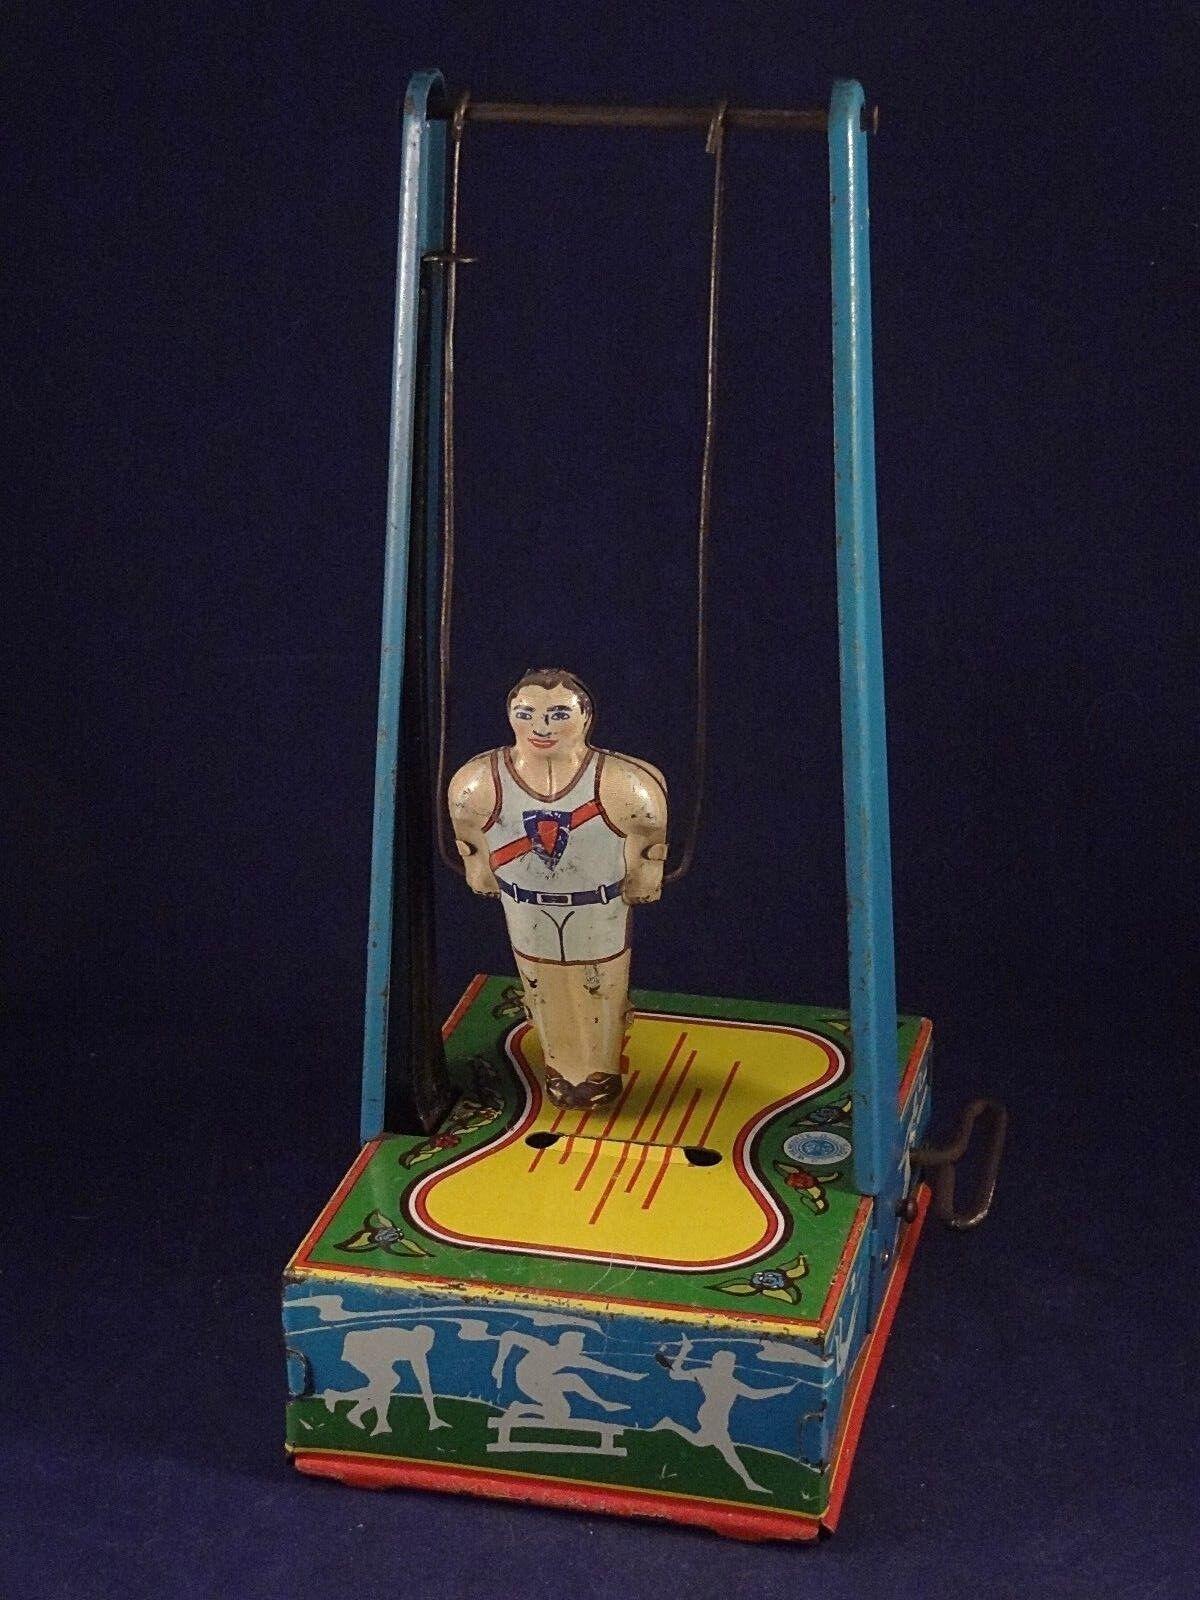 Ancien jouet tôle mécanique sport gymnastique anneaux WYANDOTTE TOYS USA J.O.